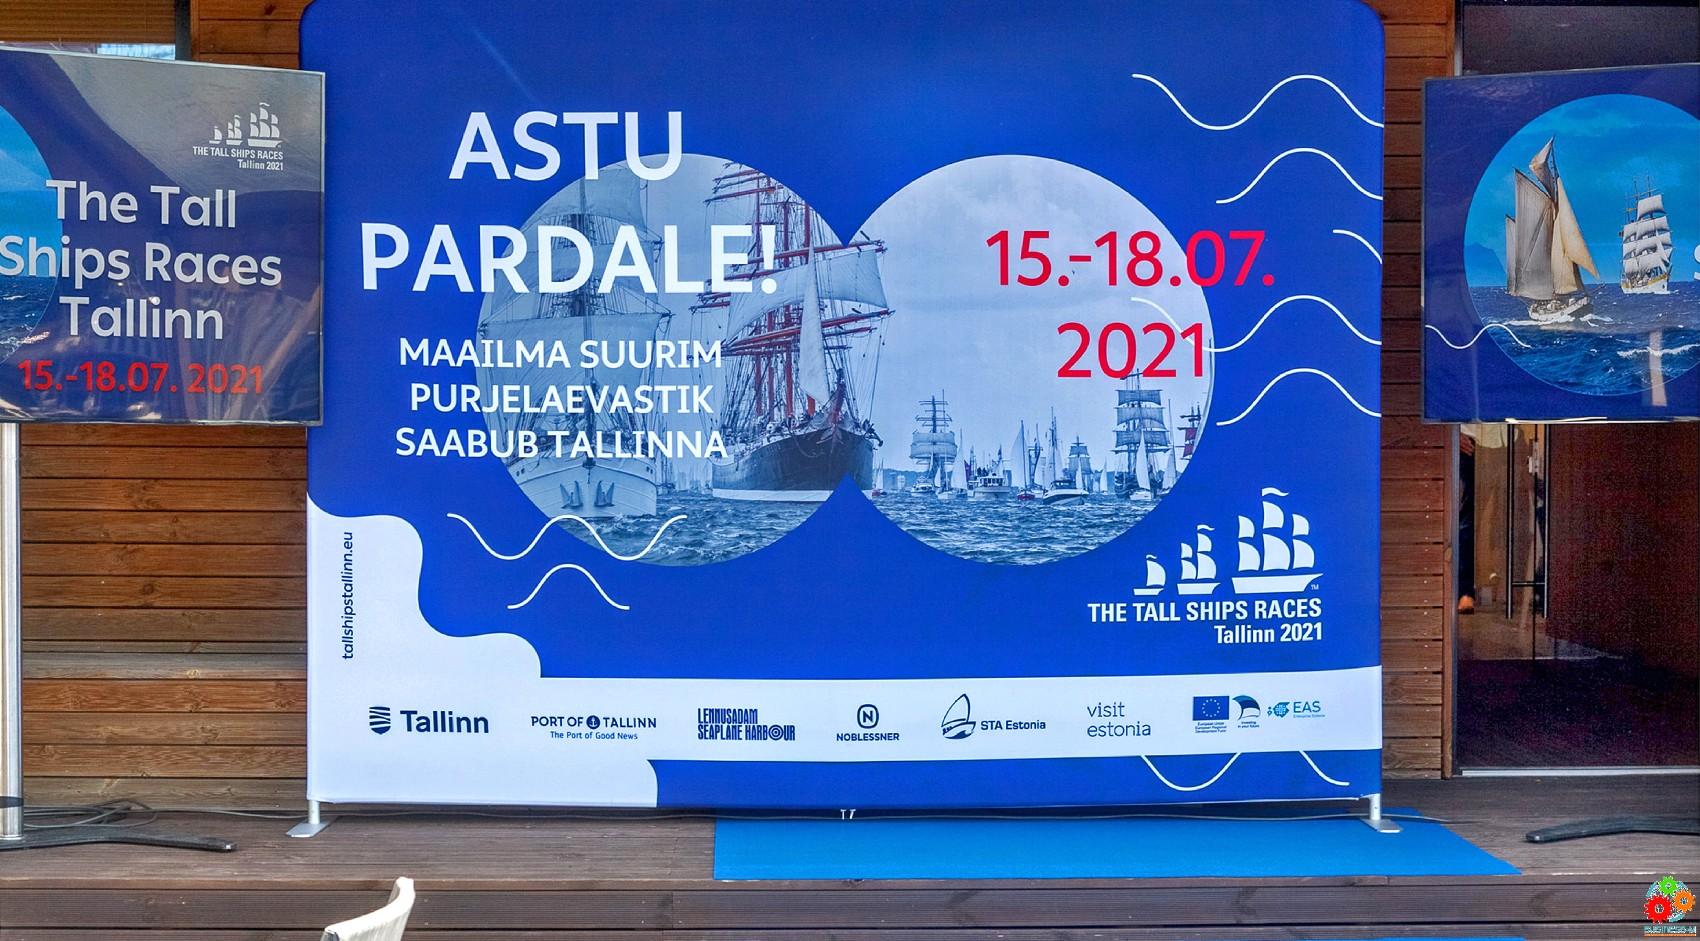 The Tall Ships Races 2021 — Таллинн примет крупнейший в мире парусный флот